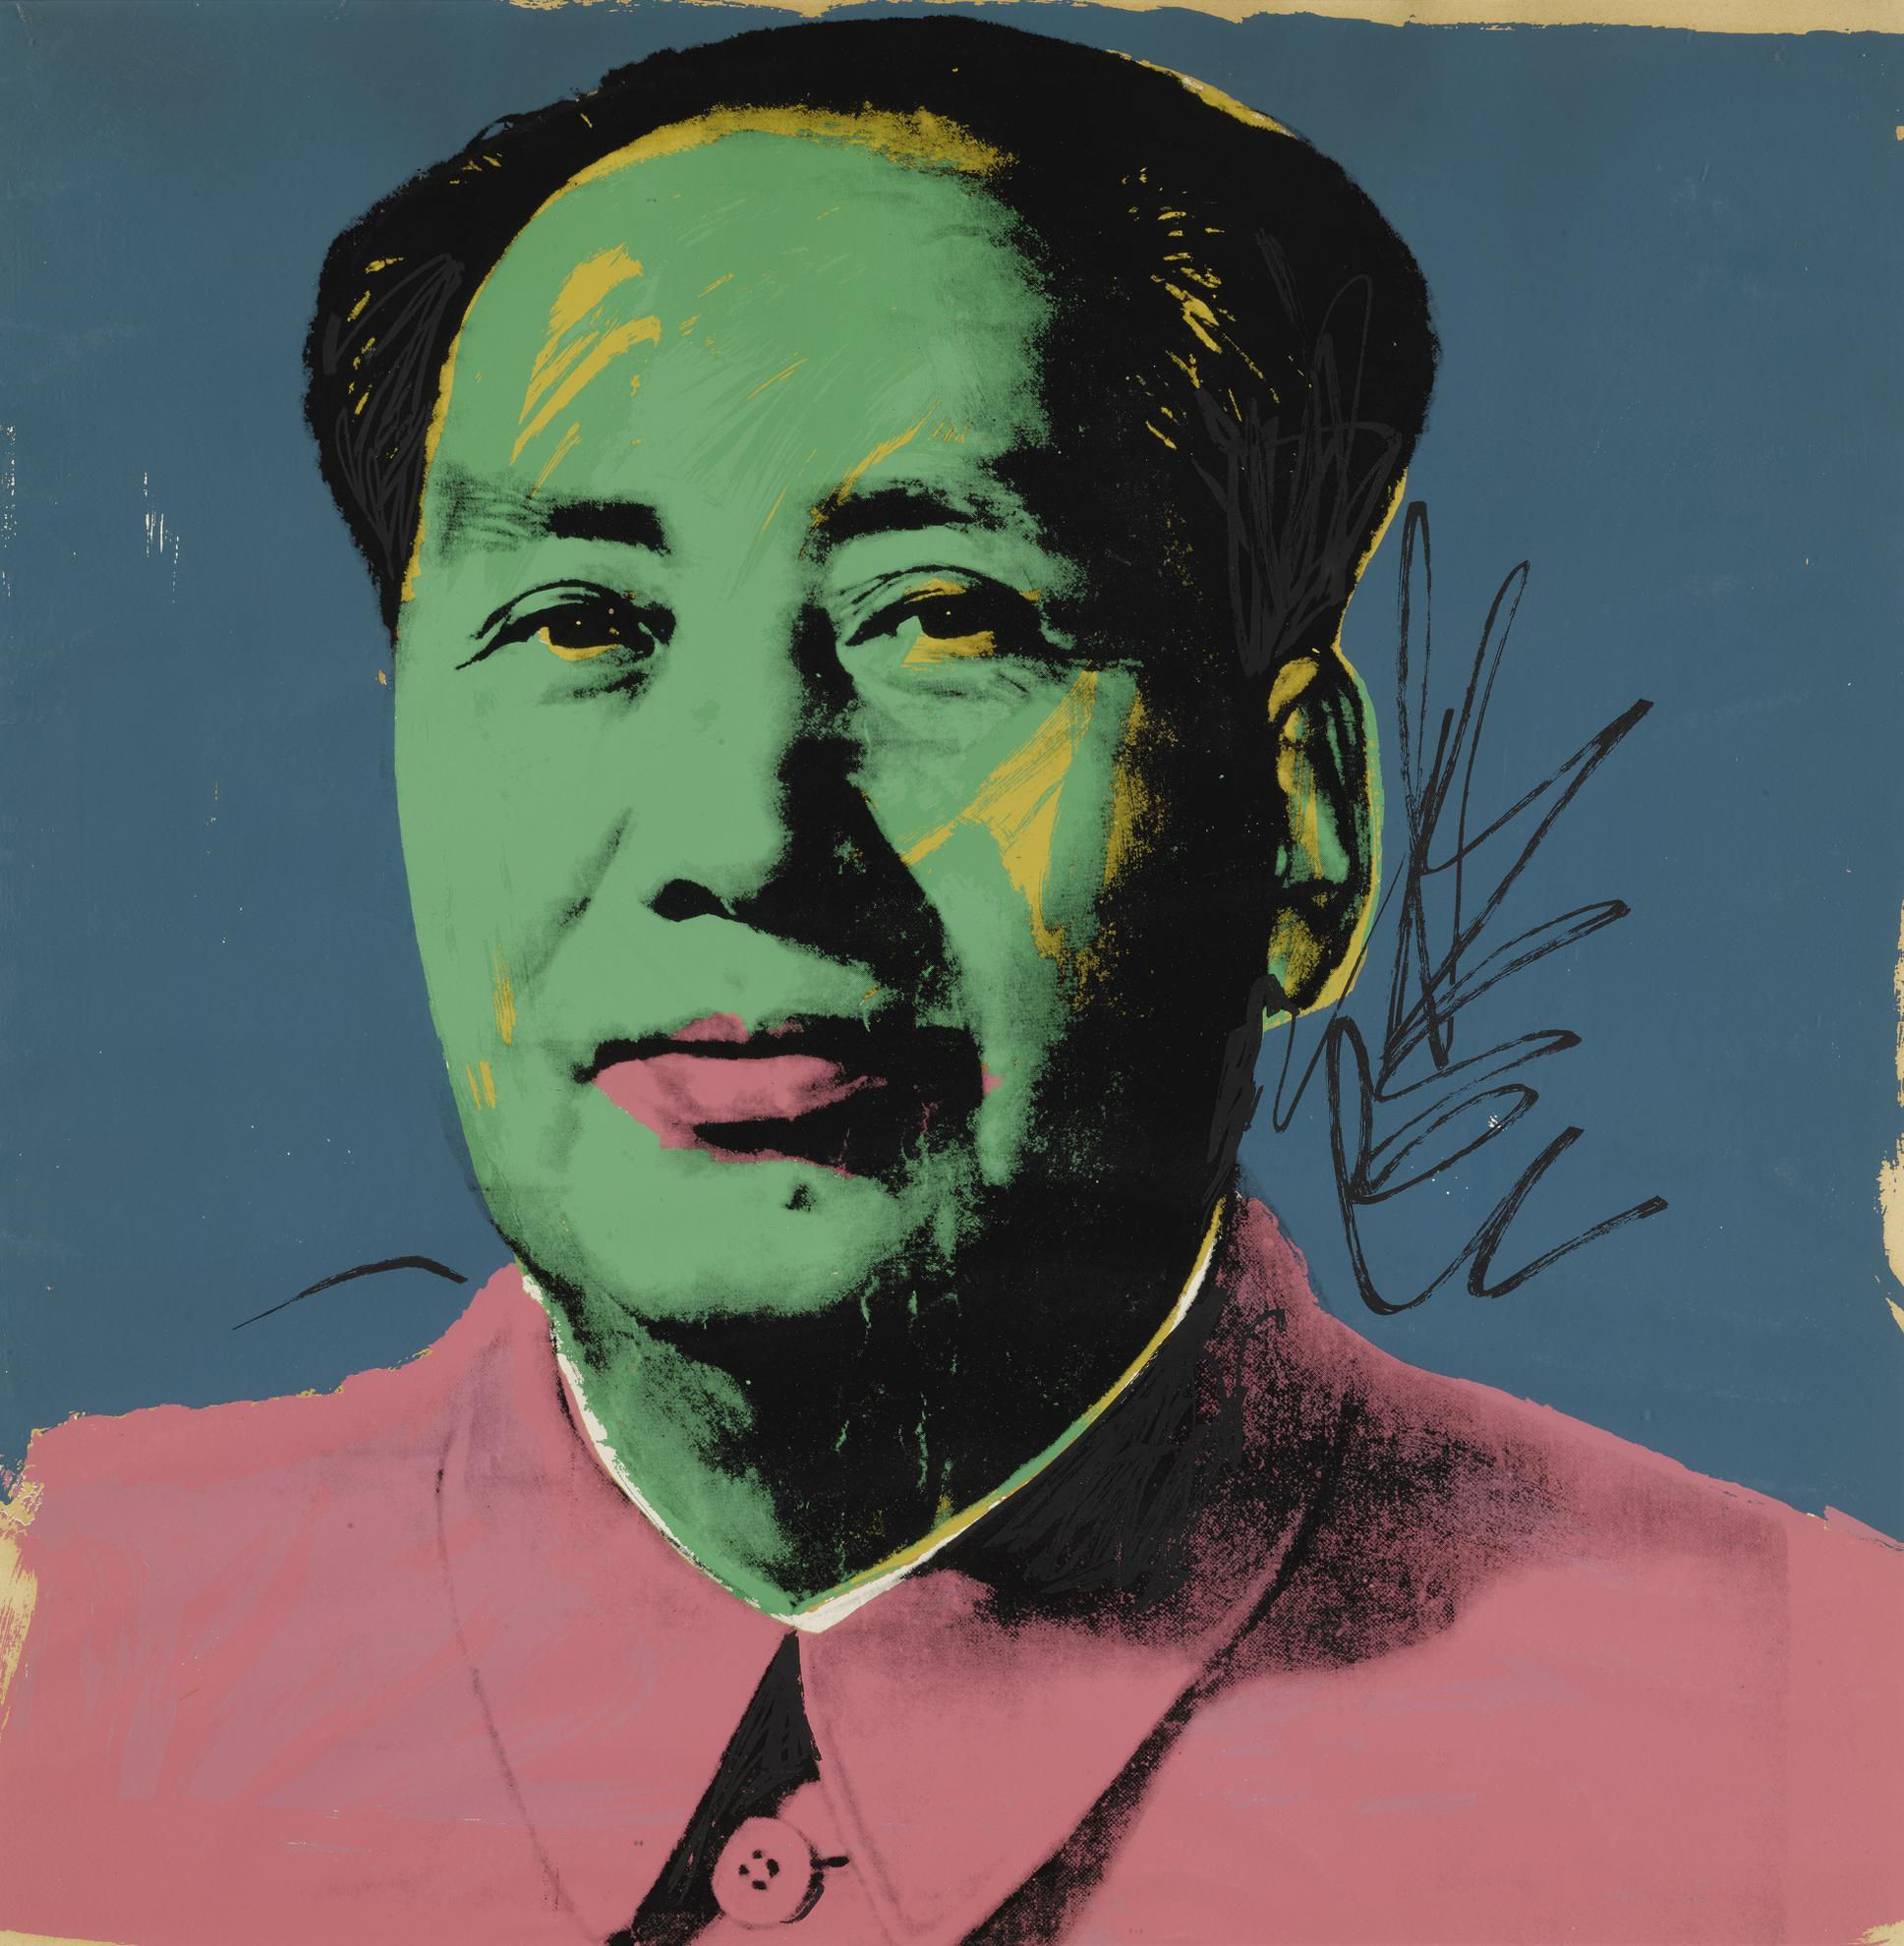 Andy Warhol-Mao (F. & S. II.93)-1972